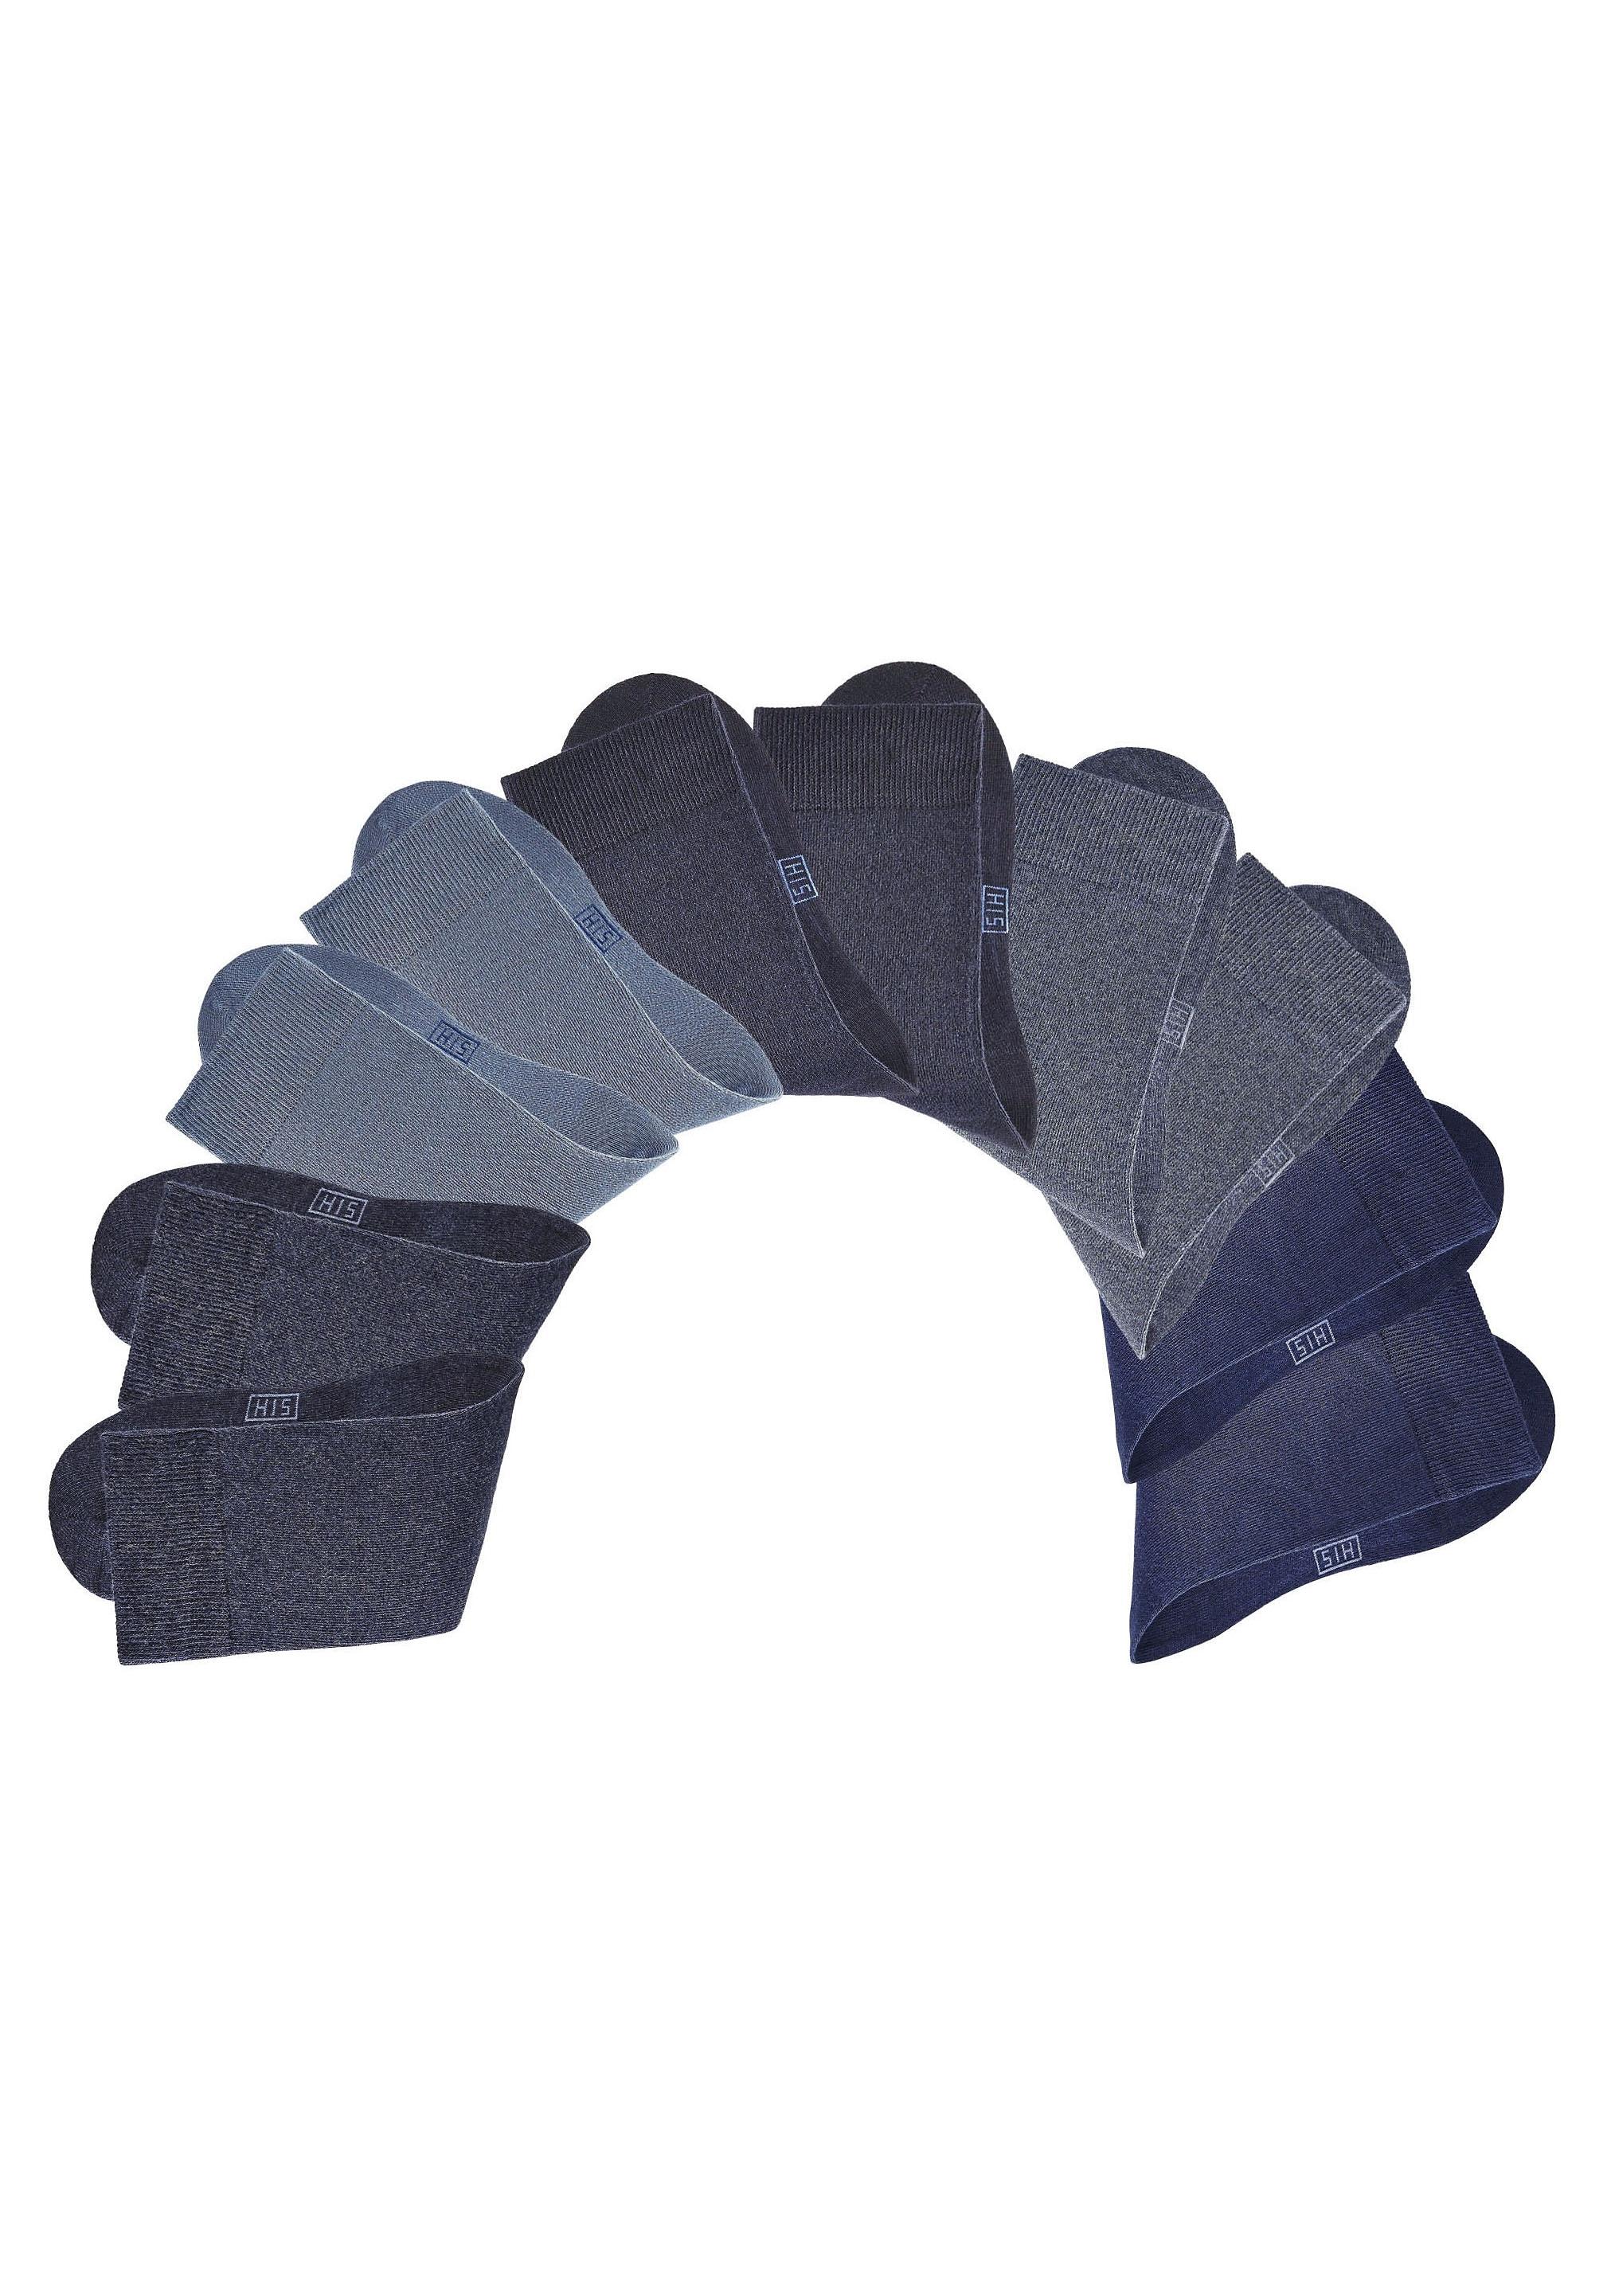 H.I.S Uniseks-sokken, set van 10 paar online kopen op lascana.nl